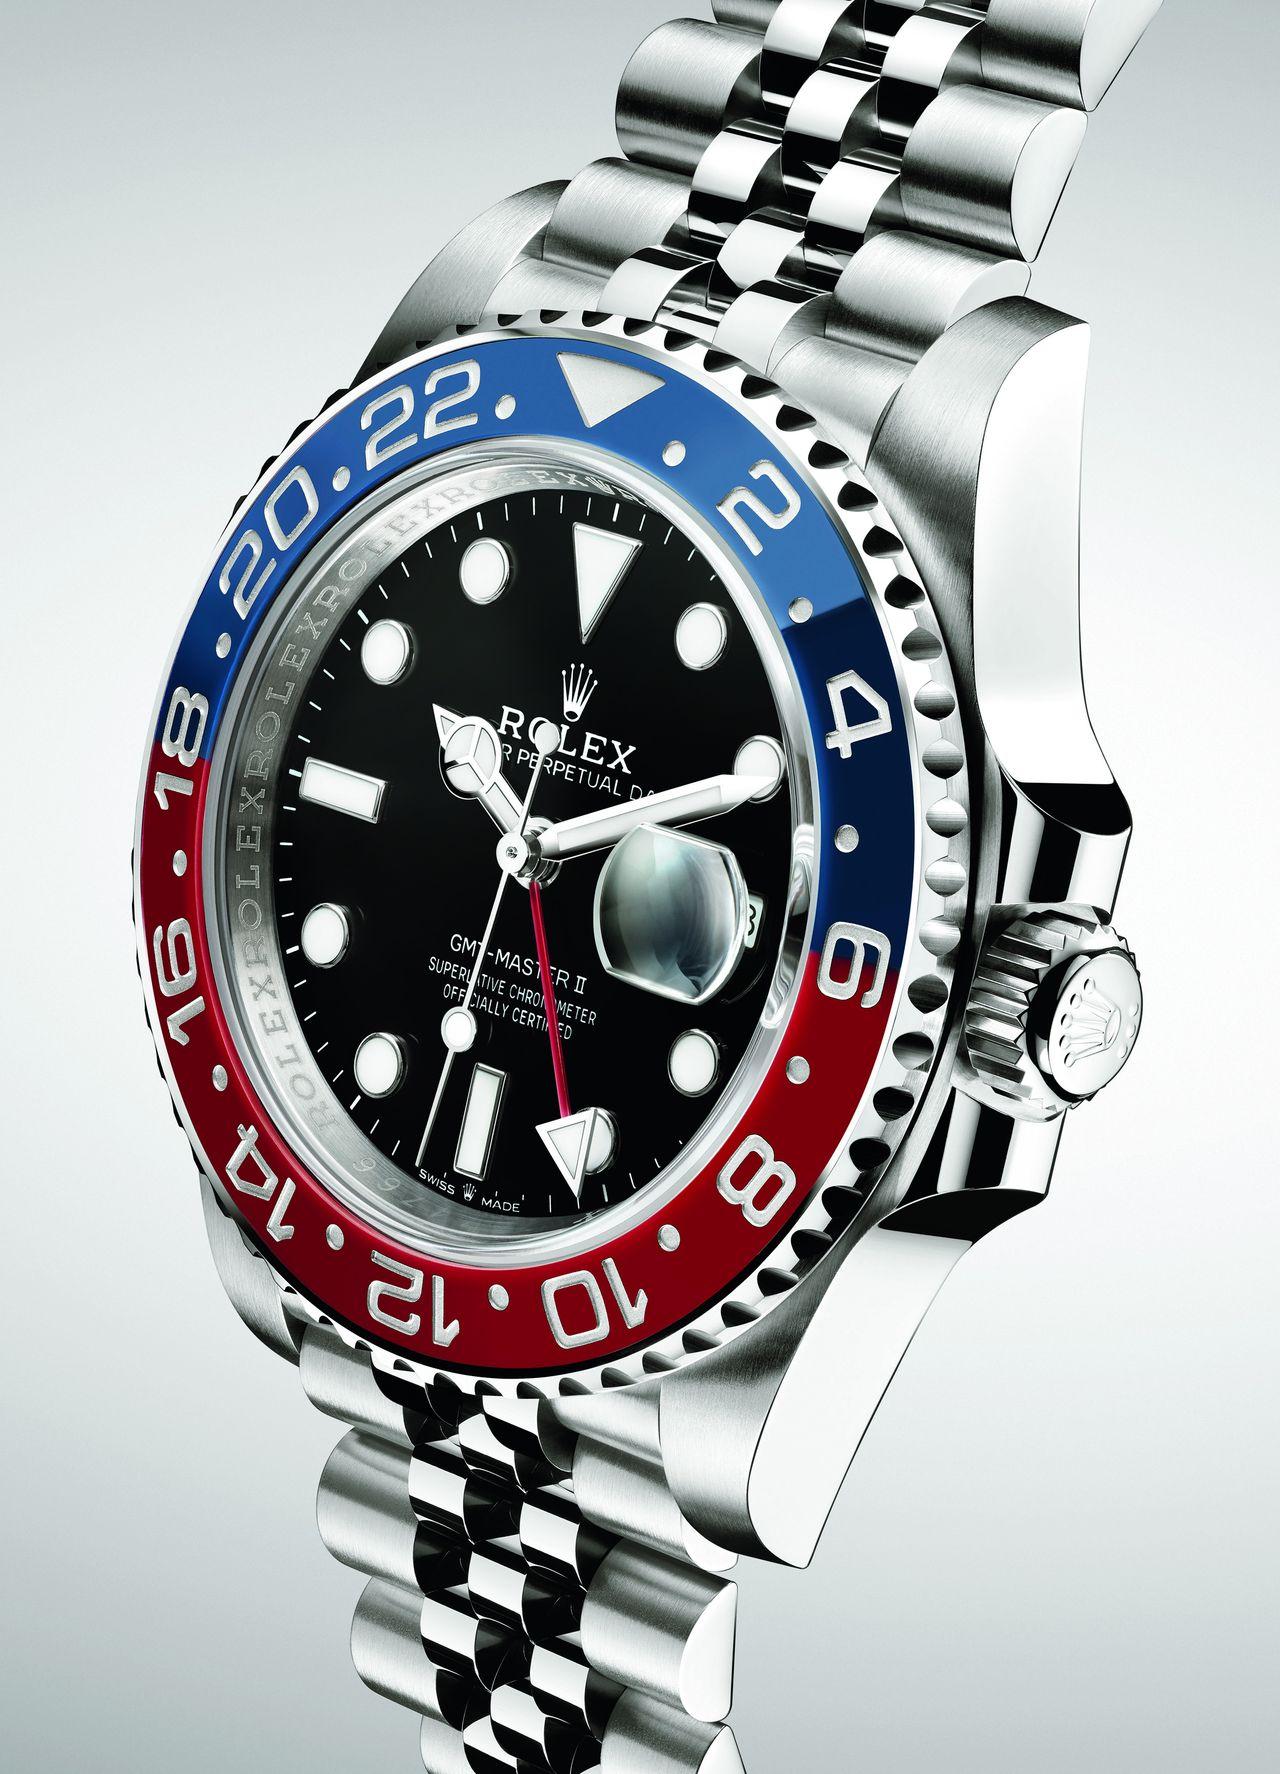 Rolex Oyster Perpetual GMT-Master II - Az idei év nagy durranása egy másféle pirossal